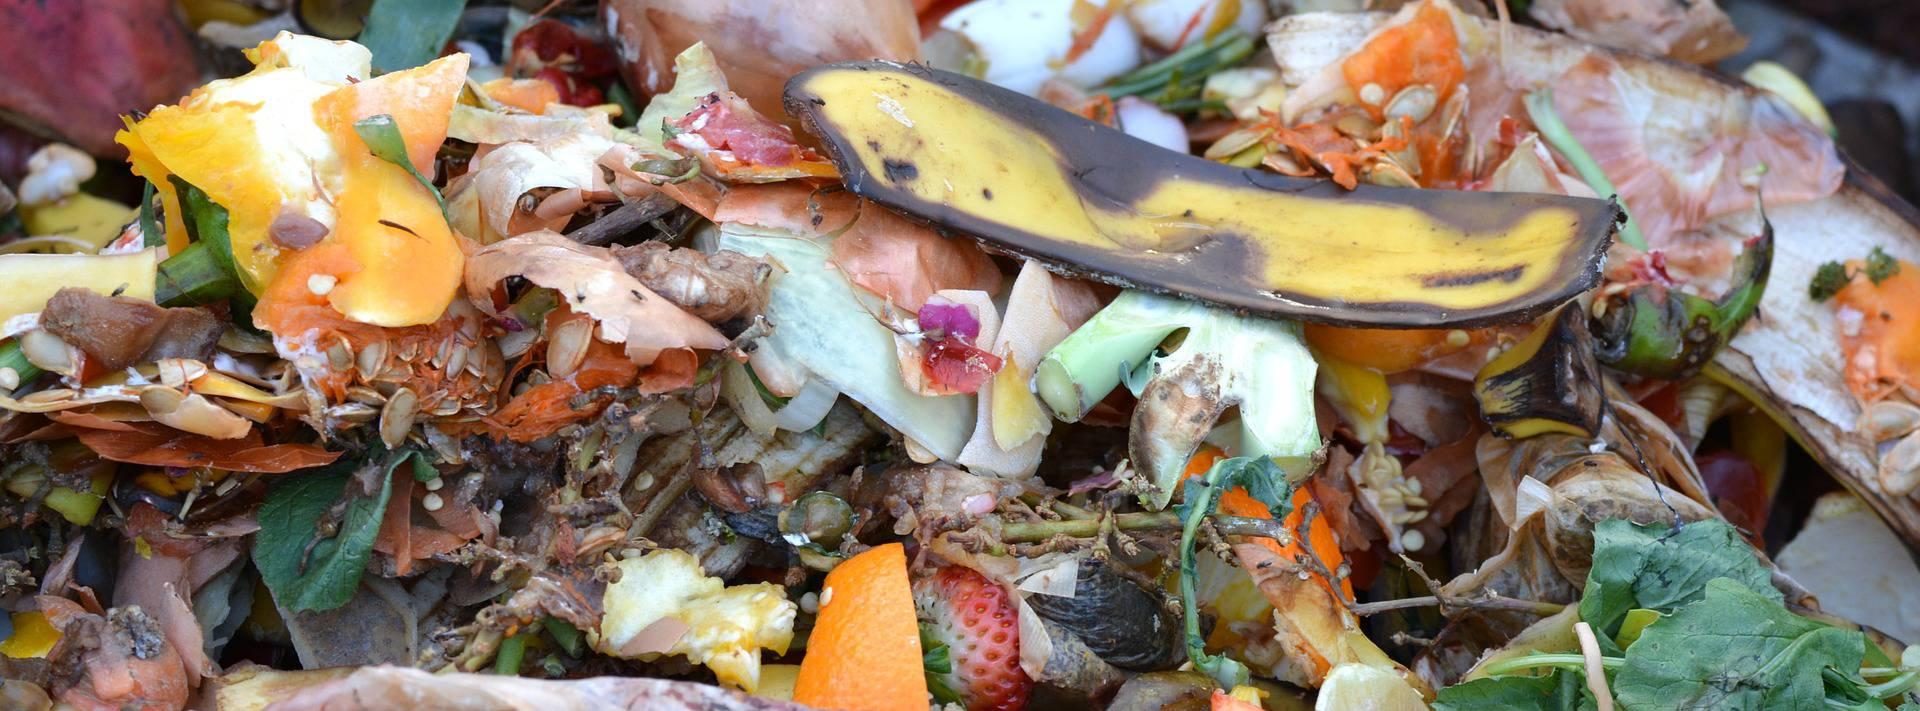 rifiuti-alimentari